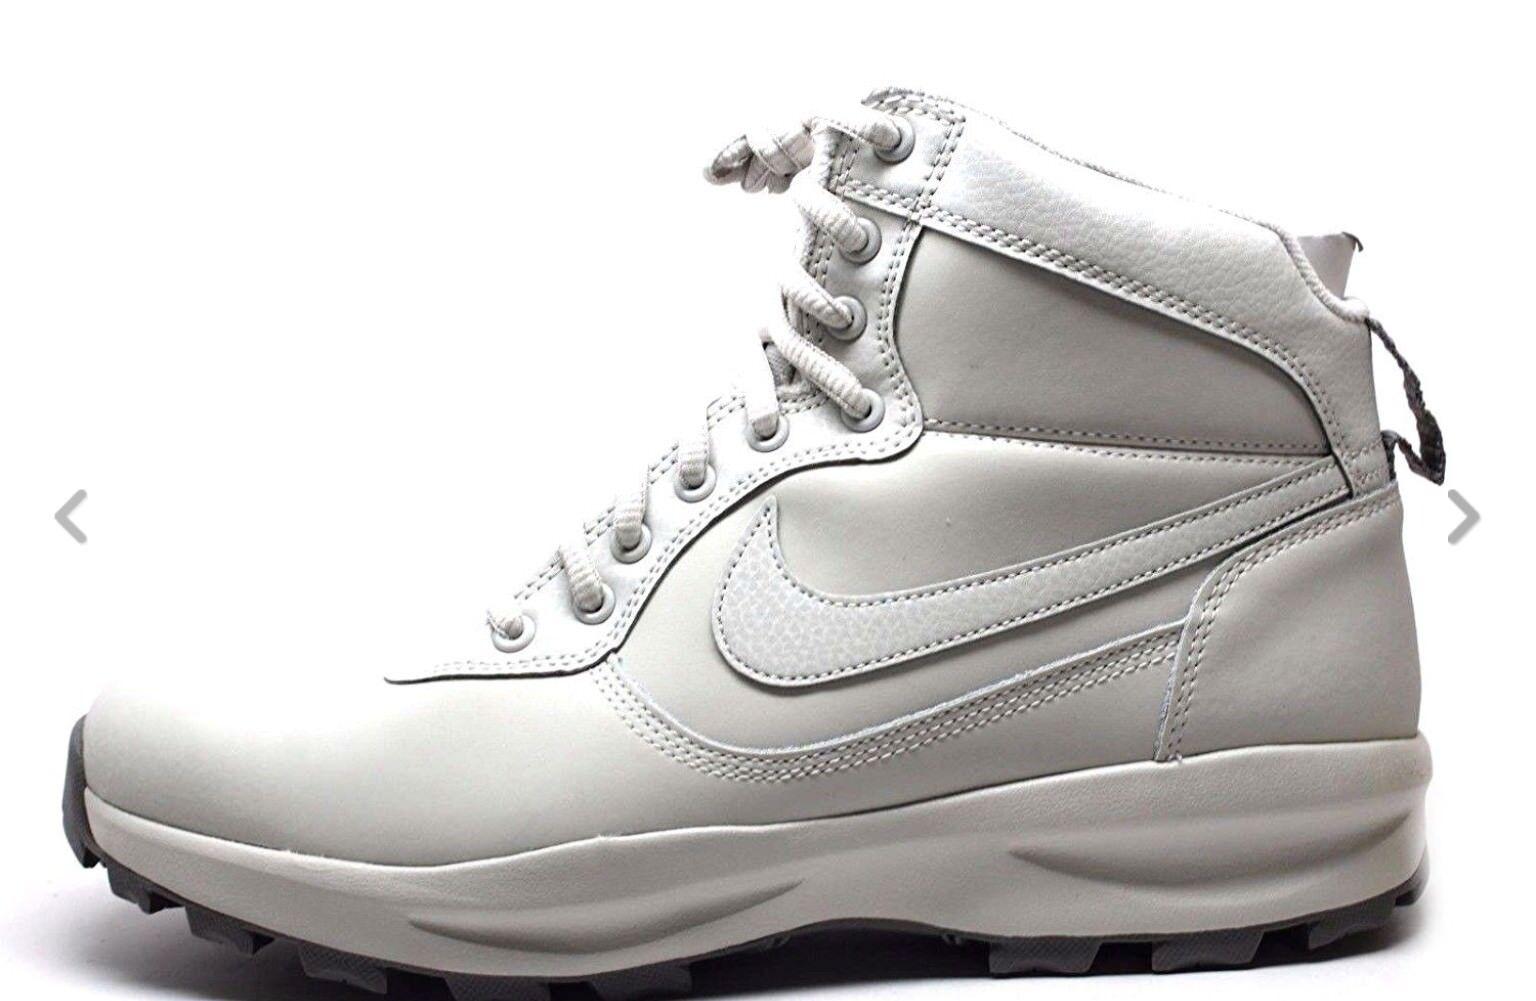 Nike manodome LUCE OSSO Boot 845358-004 UK8/EU42.5/US9 RARO CAMPIONE Scarpe classiche da uomo